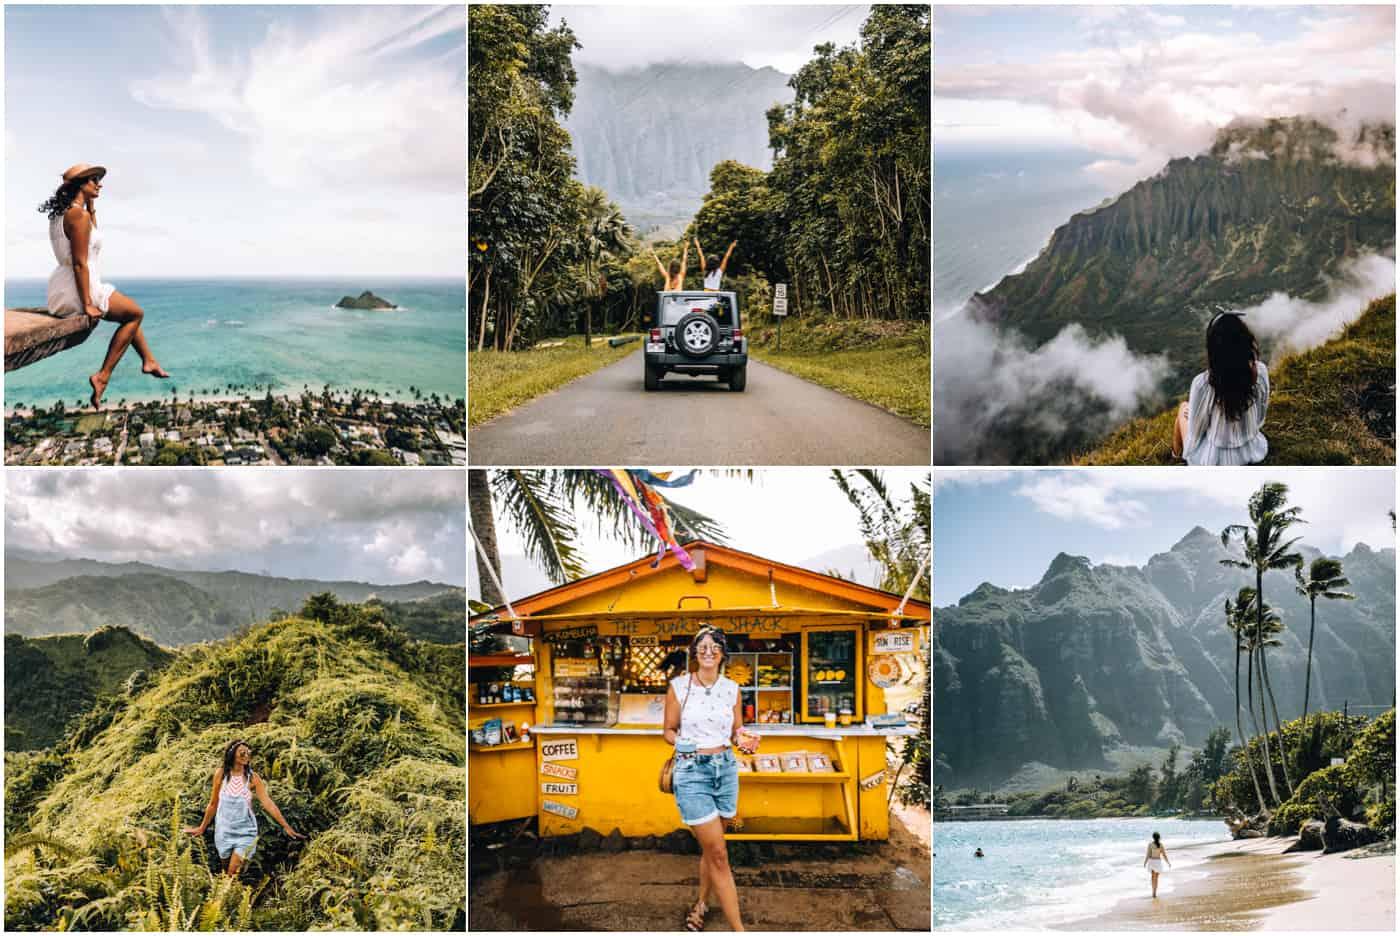 Hawaii Urlaub – Alle Tipps & Inselguide + Routenvorschäge für 2-3 Wochen